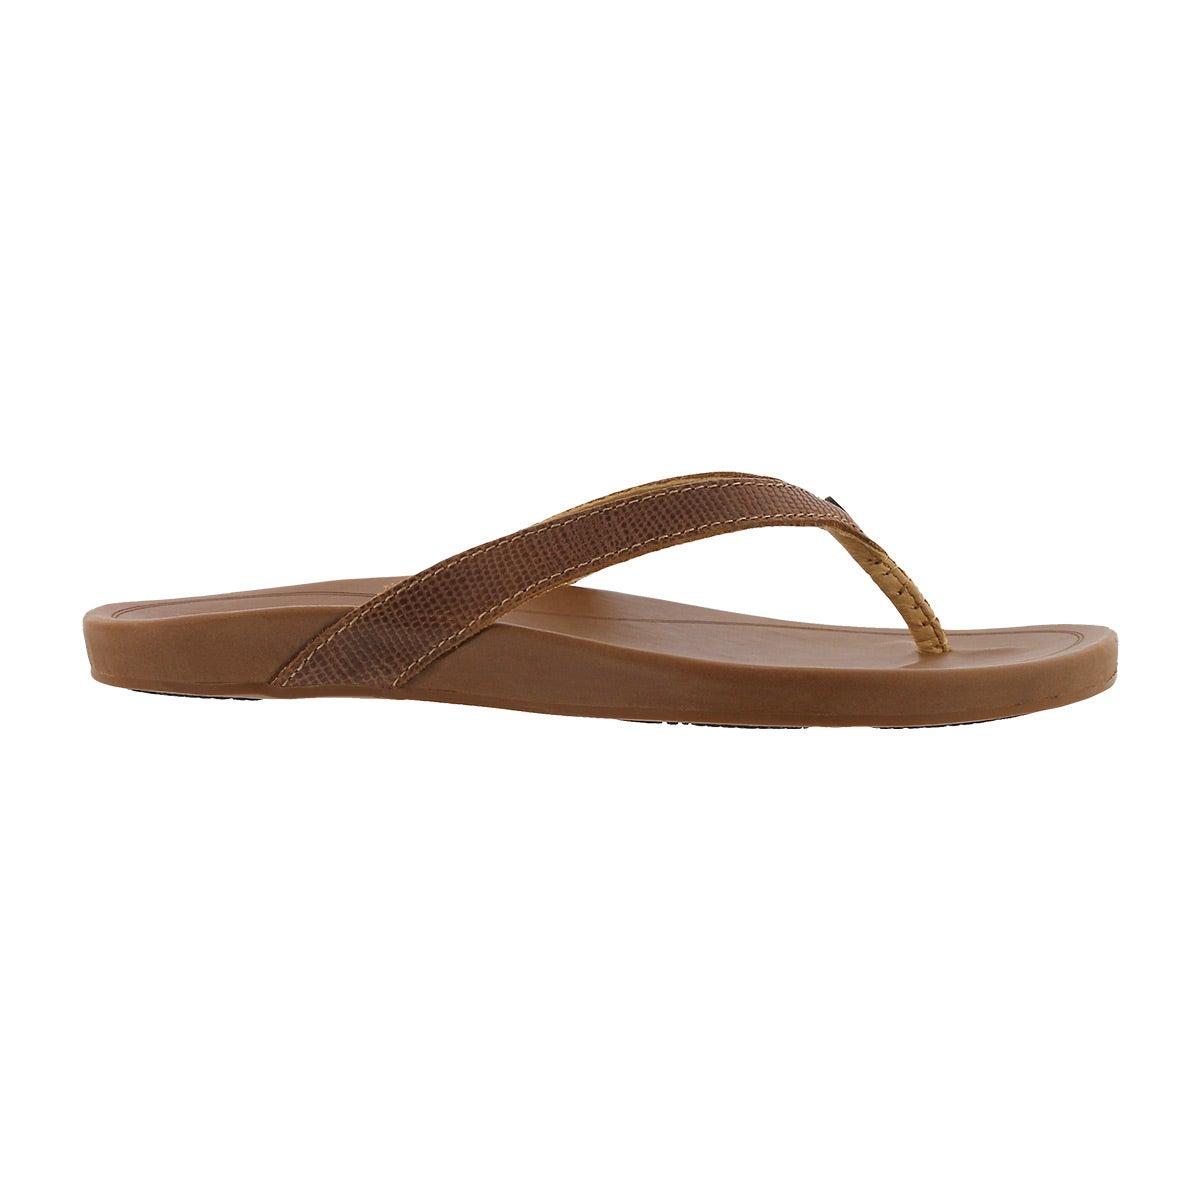 Lds Hi'ona tan thong sandal